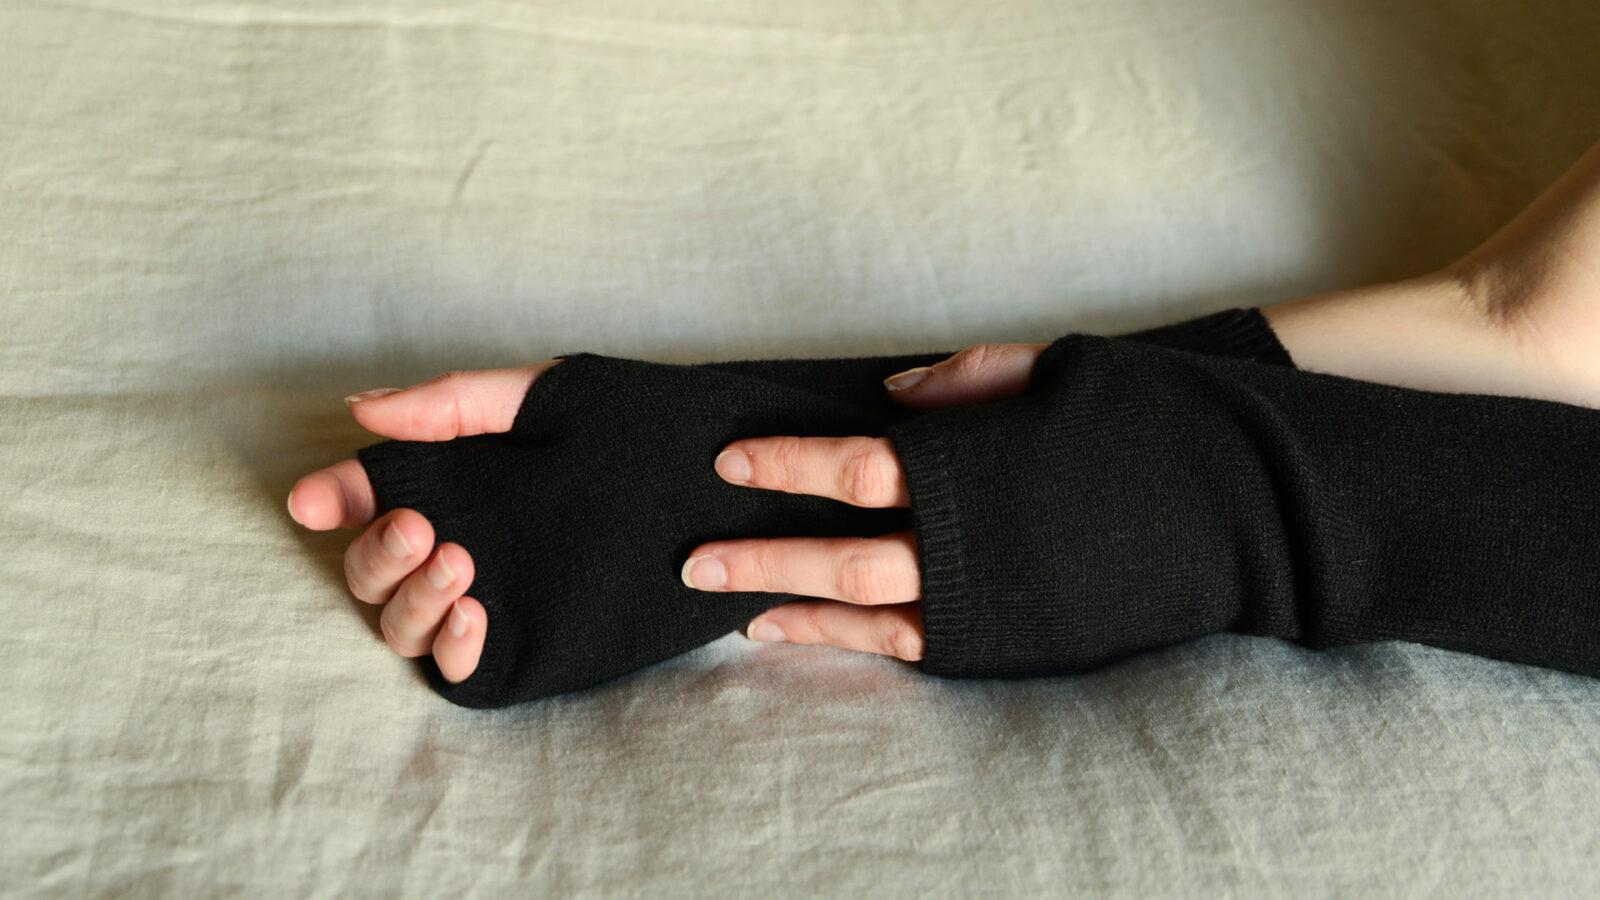 soft knitted fingerless gloves in black